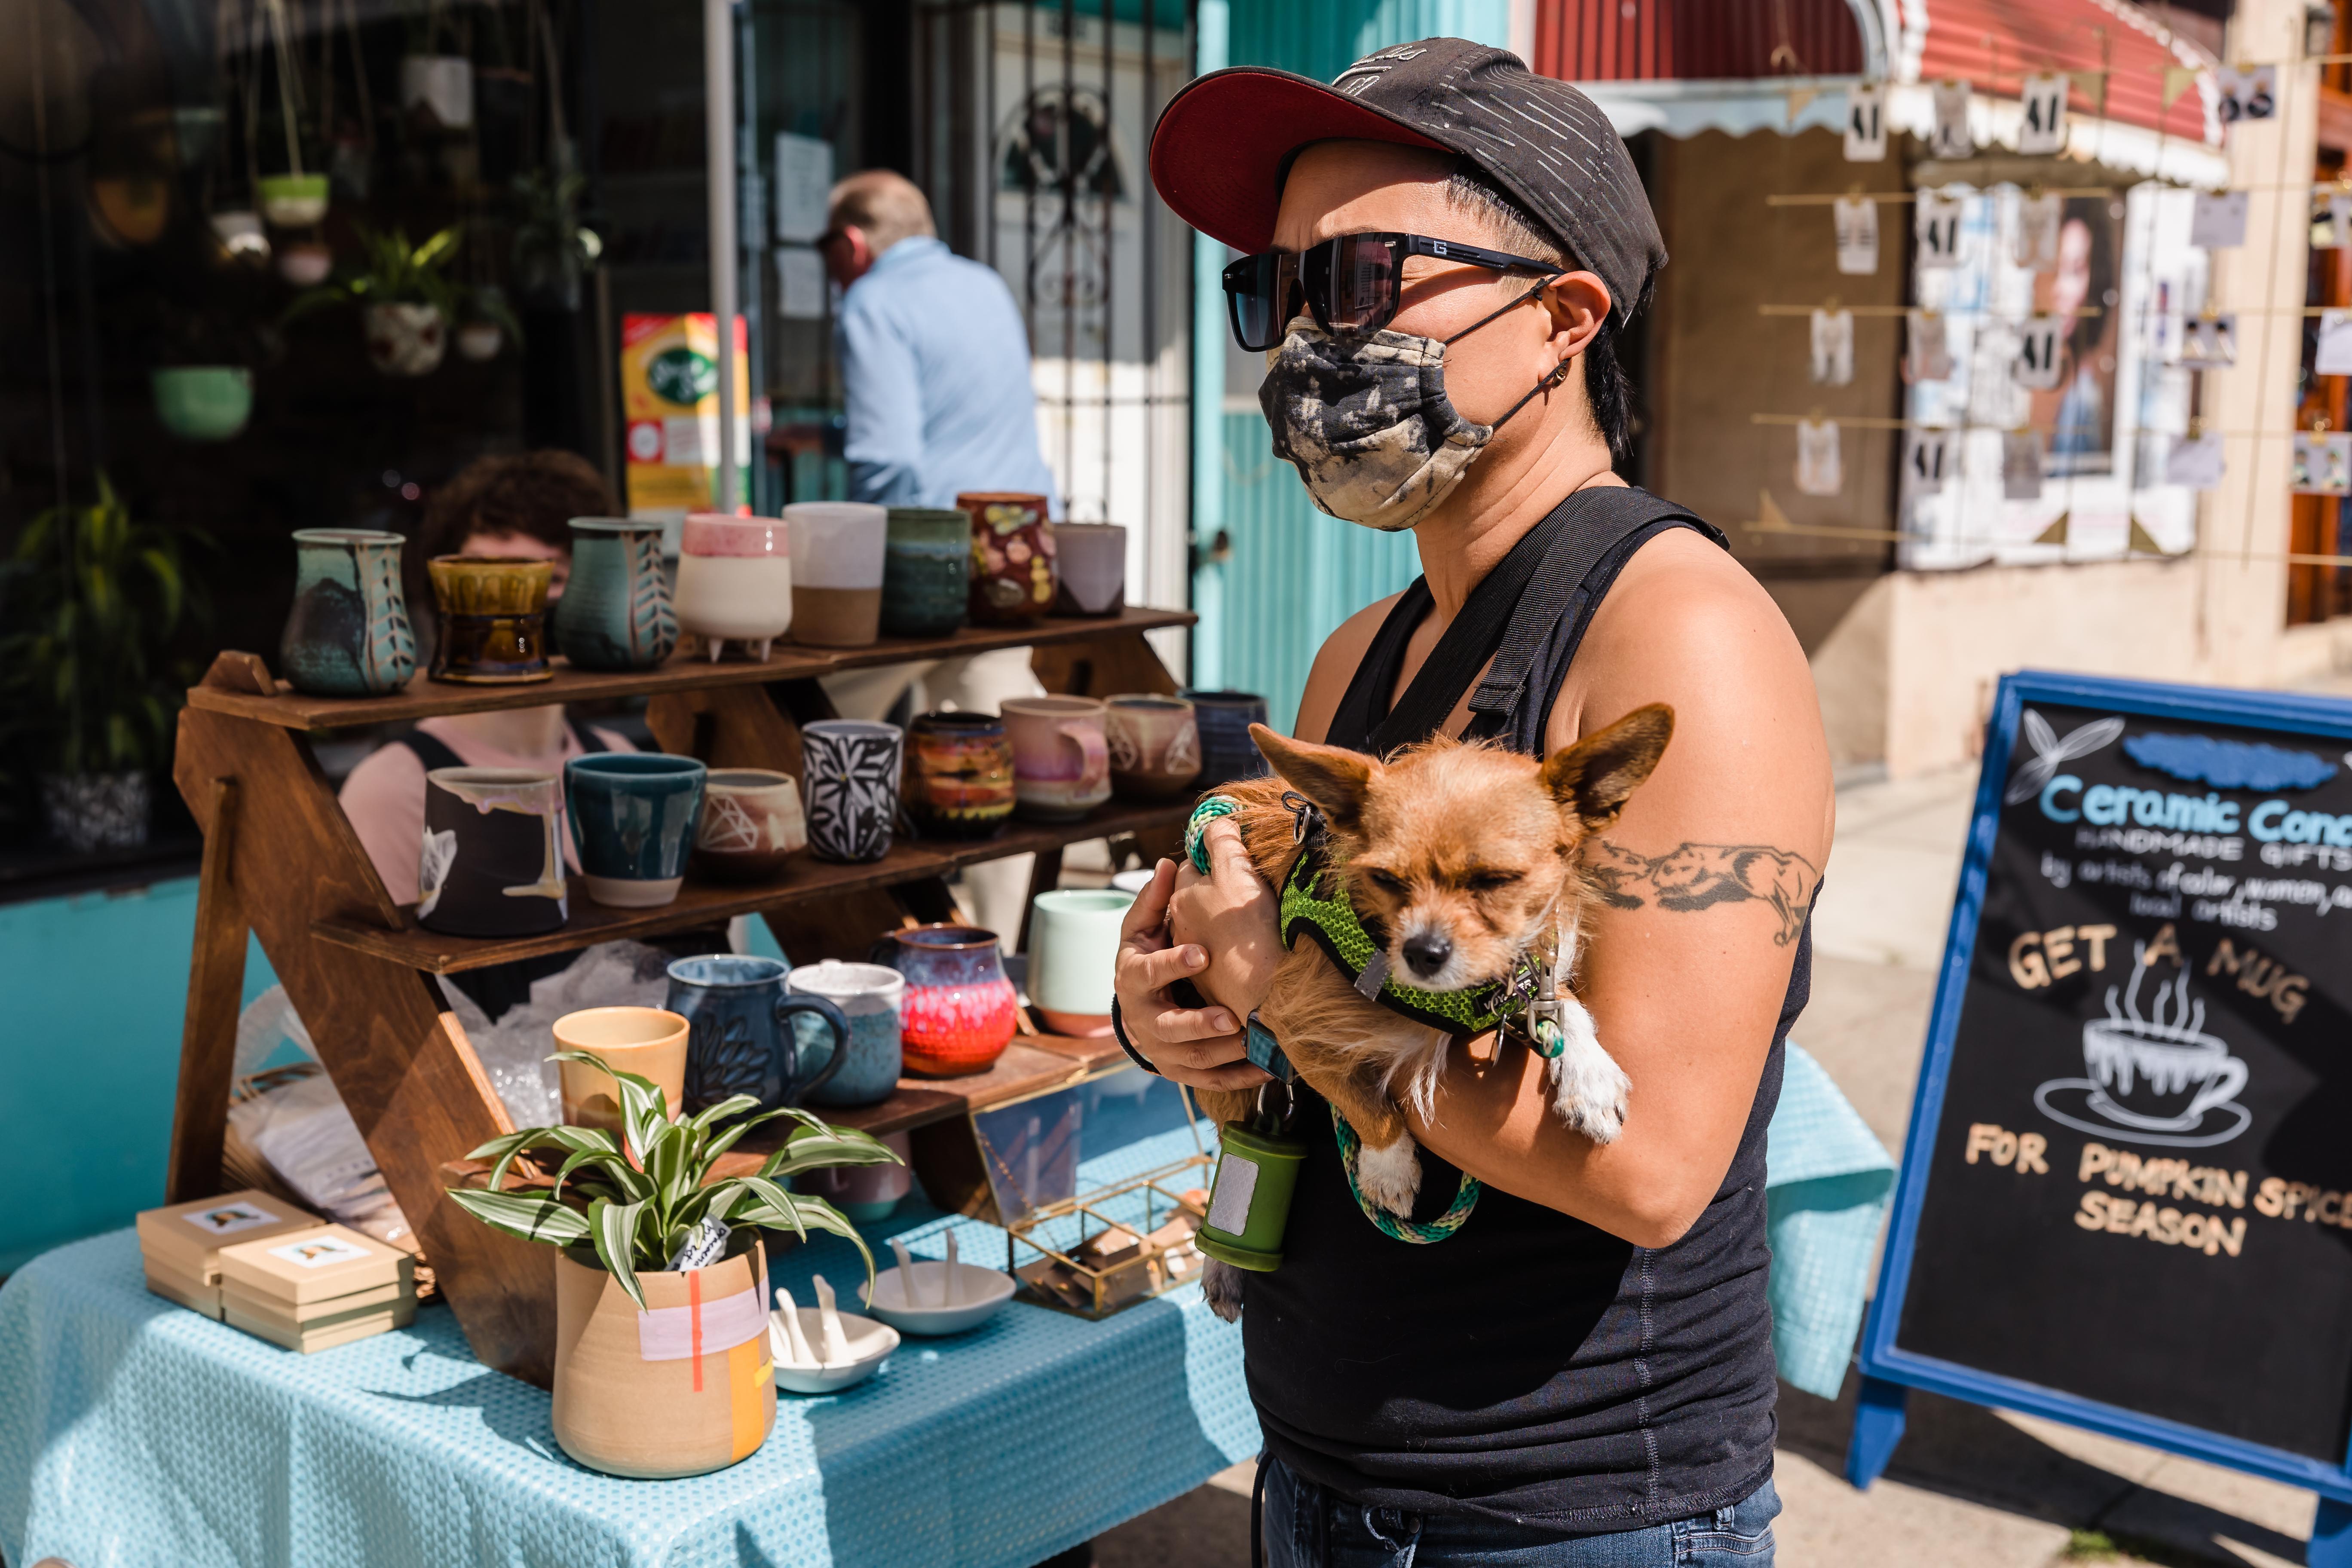 A neighbor and their dog visit VIX Emporium